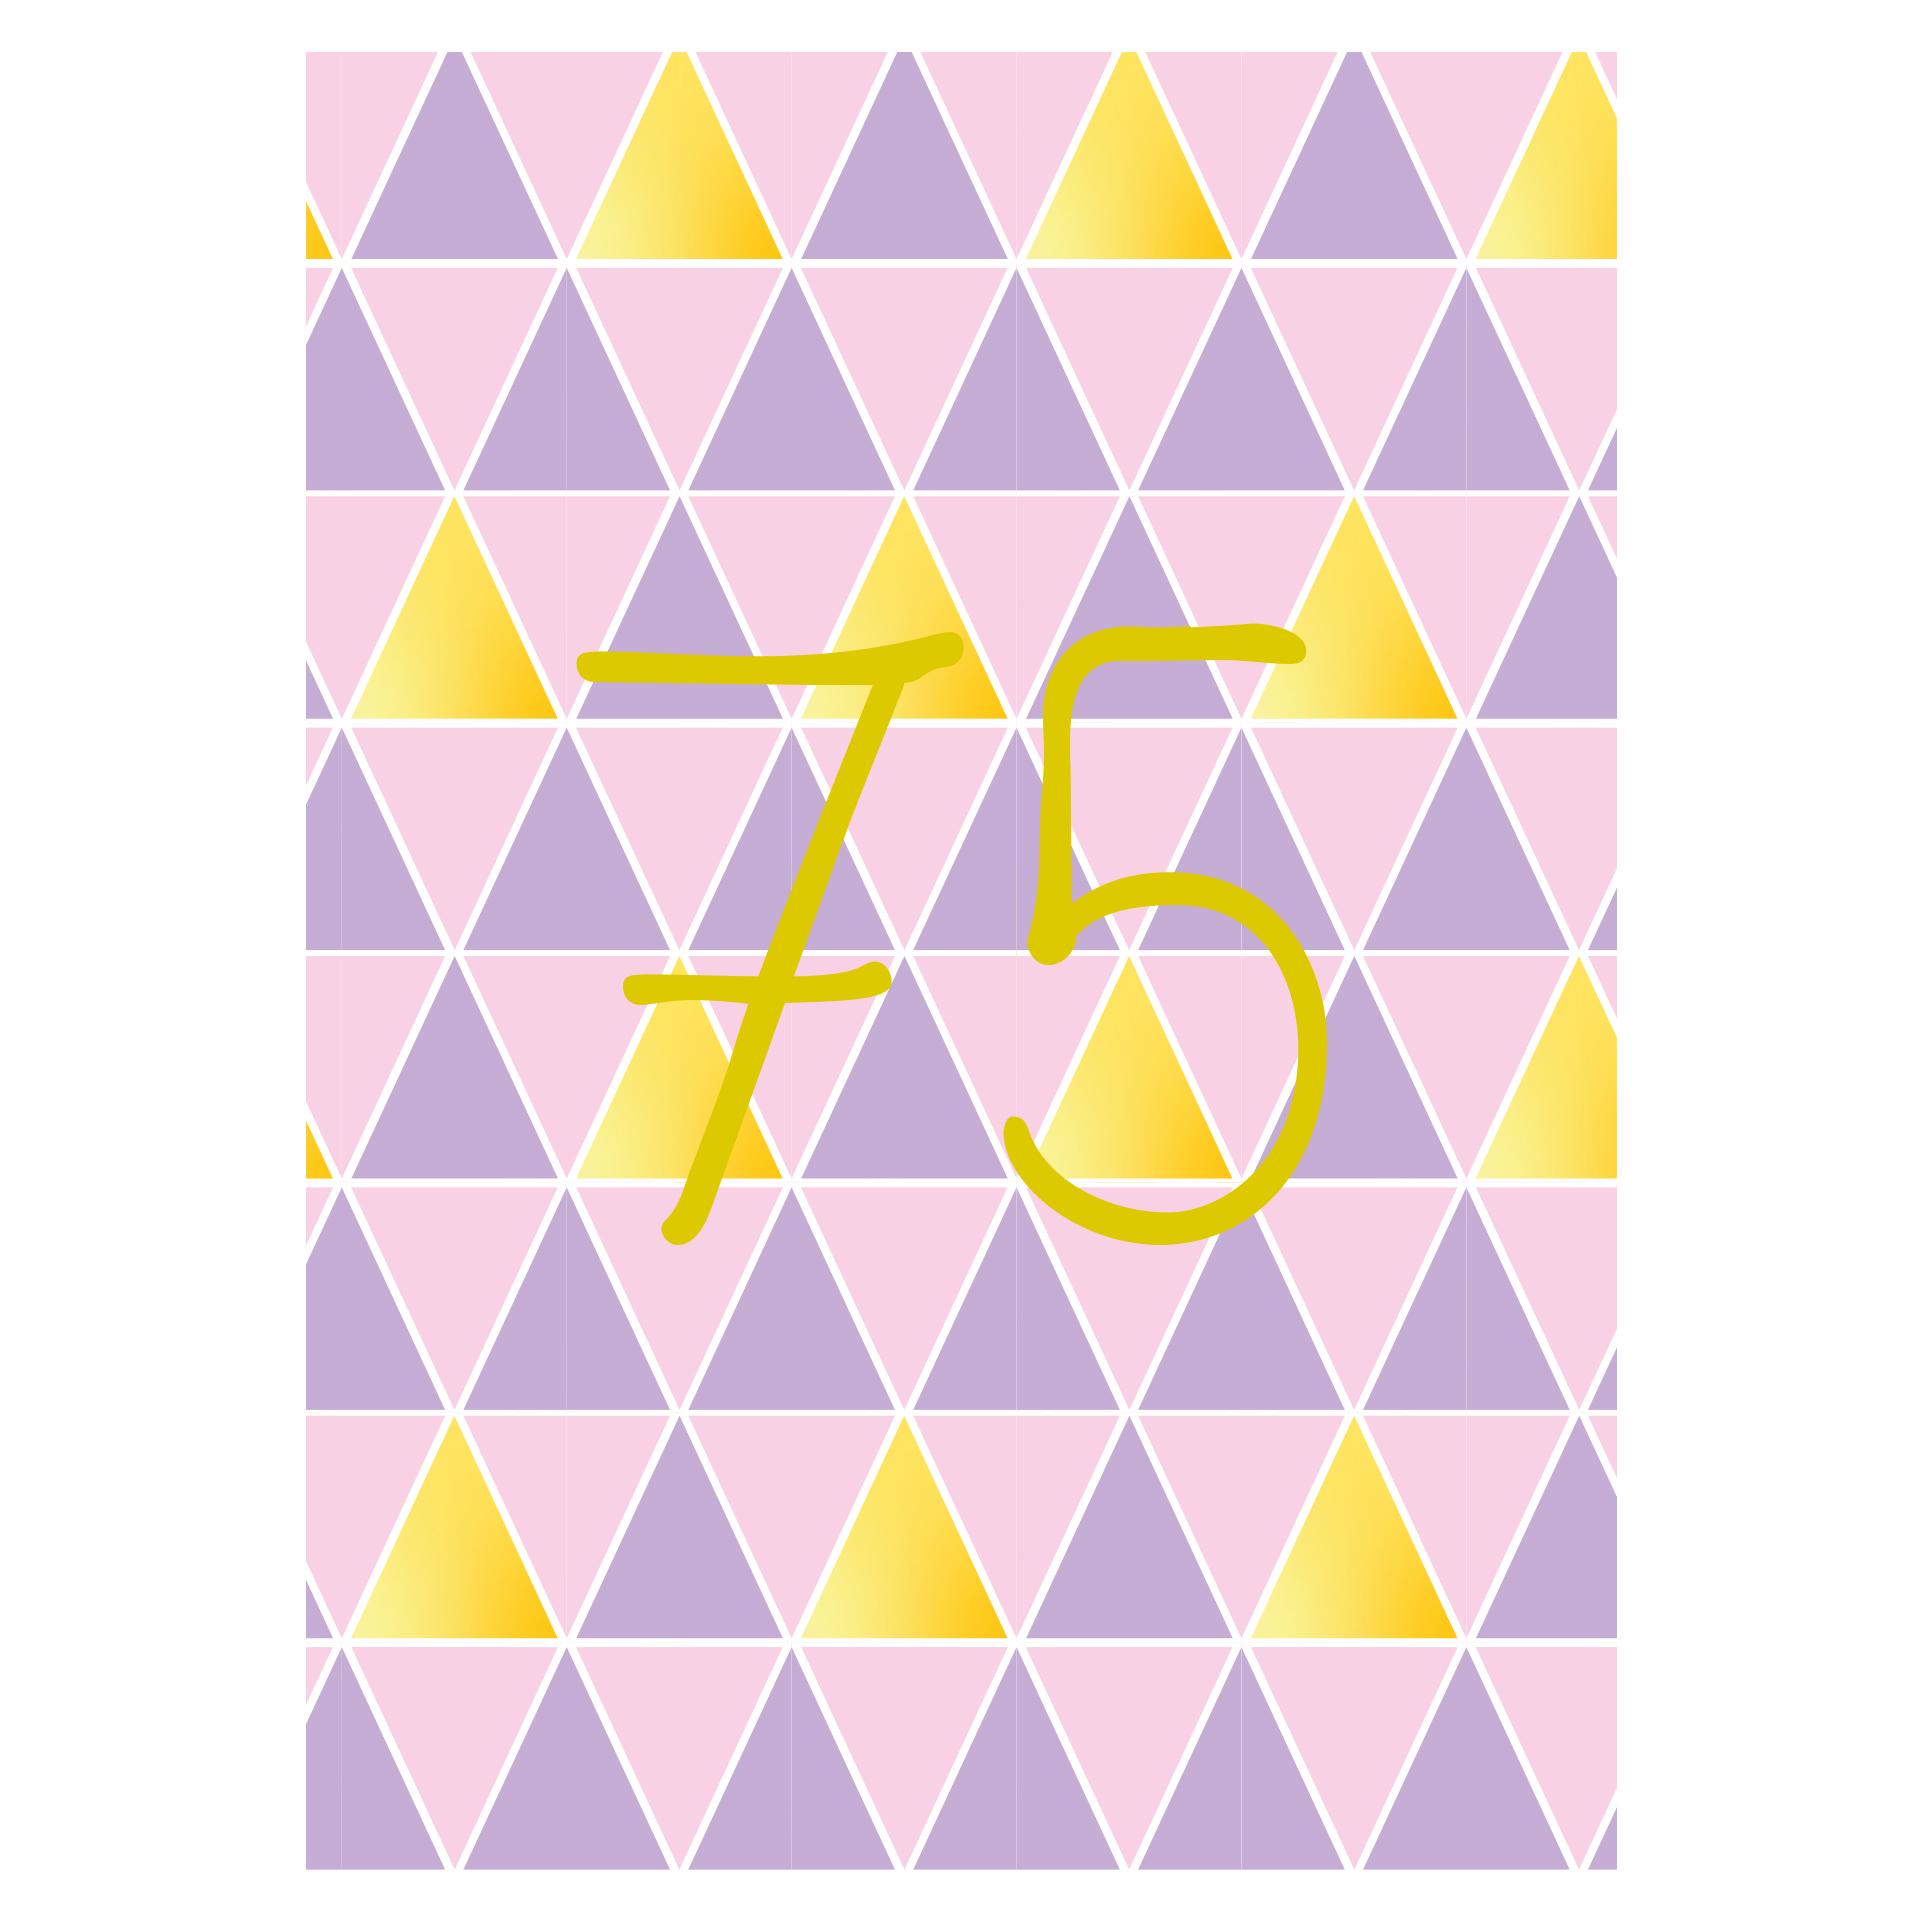 Getalkaart-75-verjaardagskaart-verjaardag